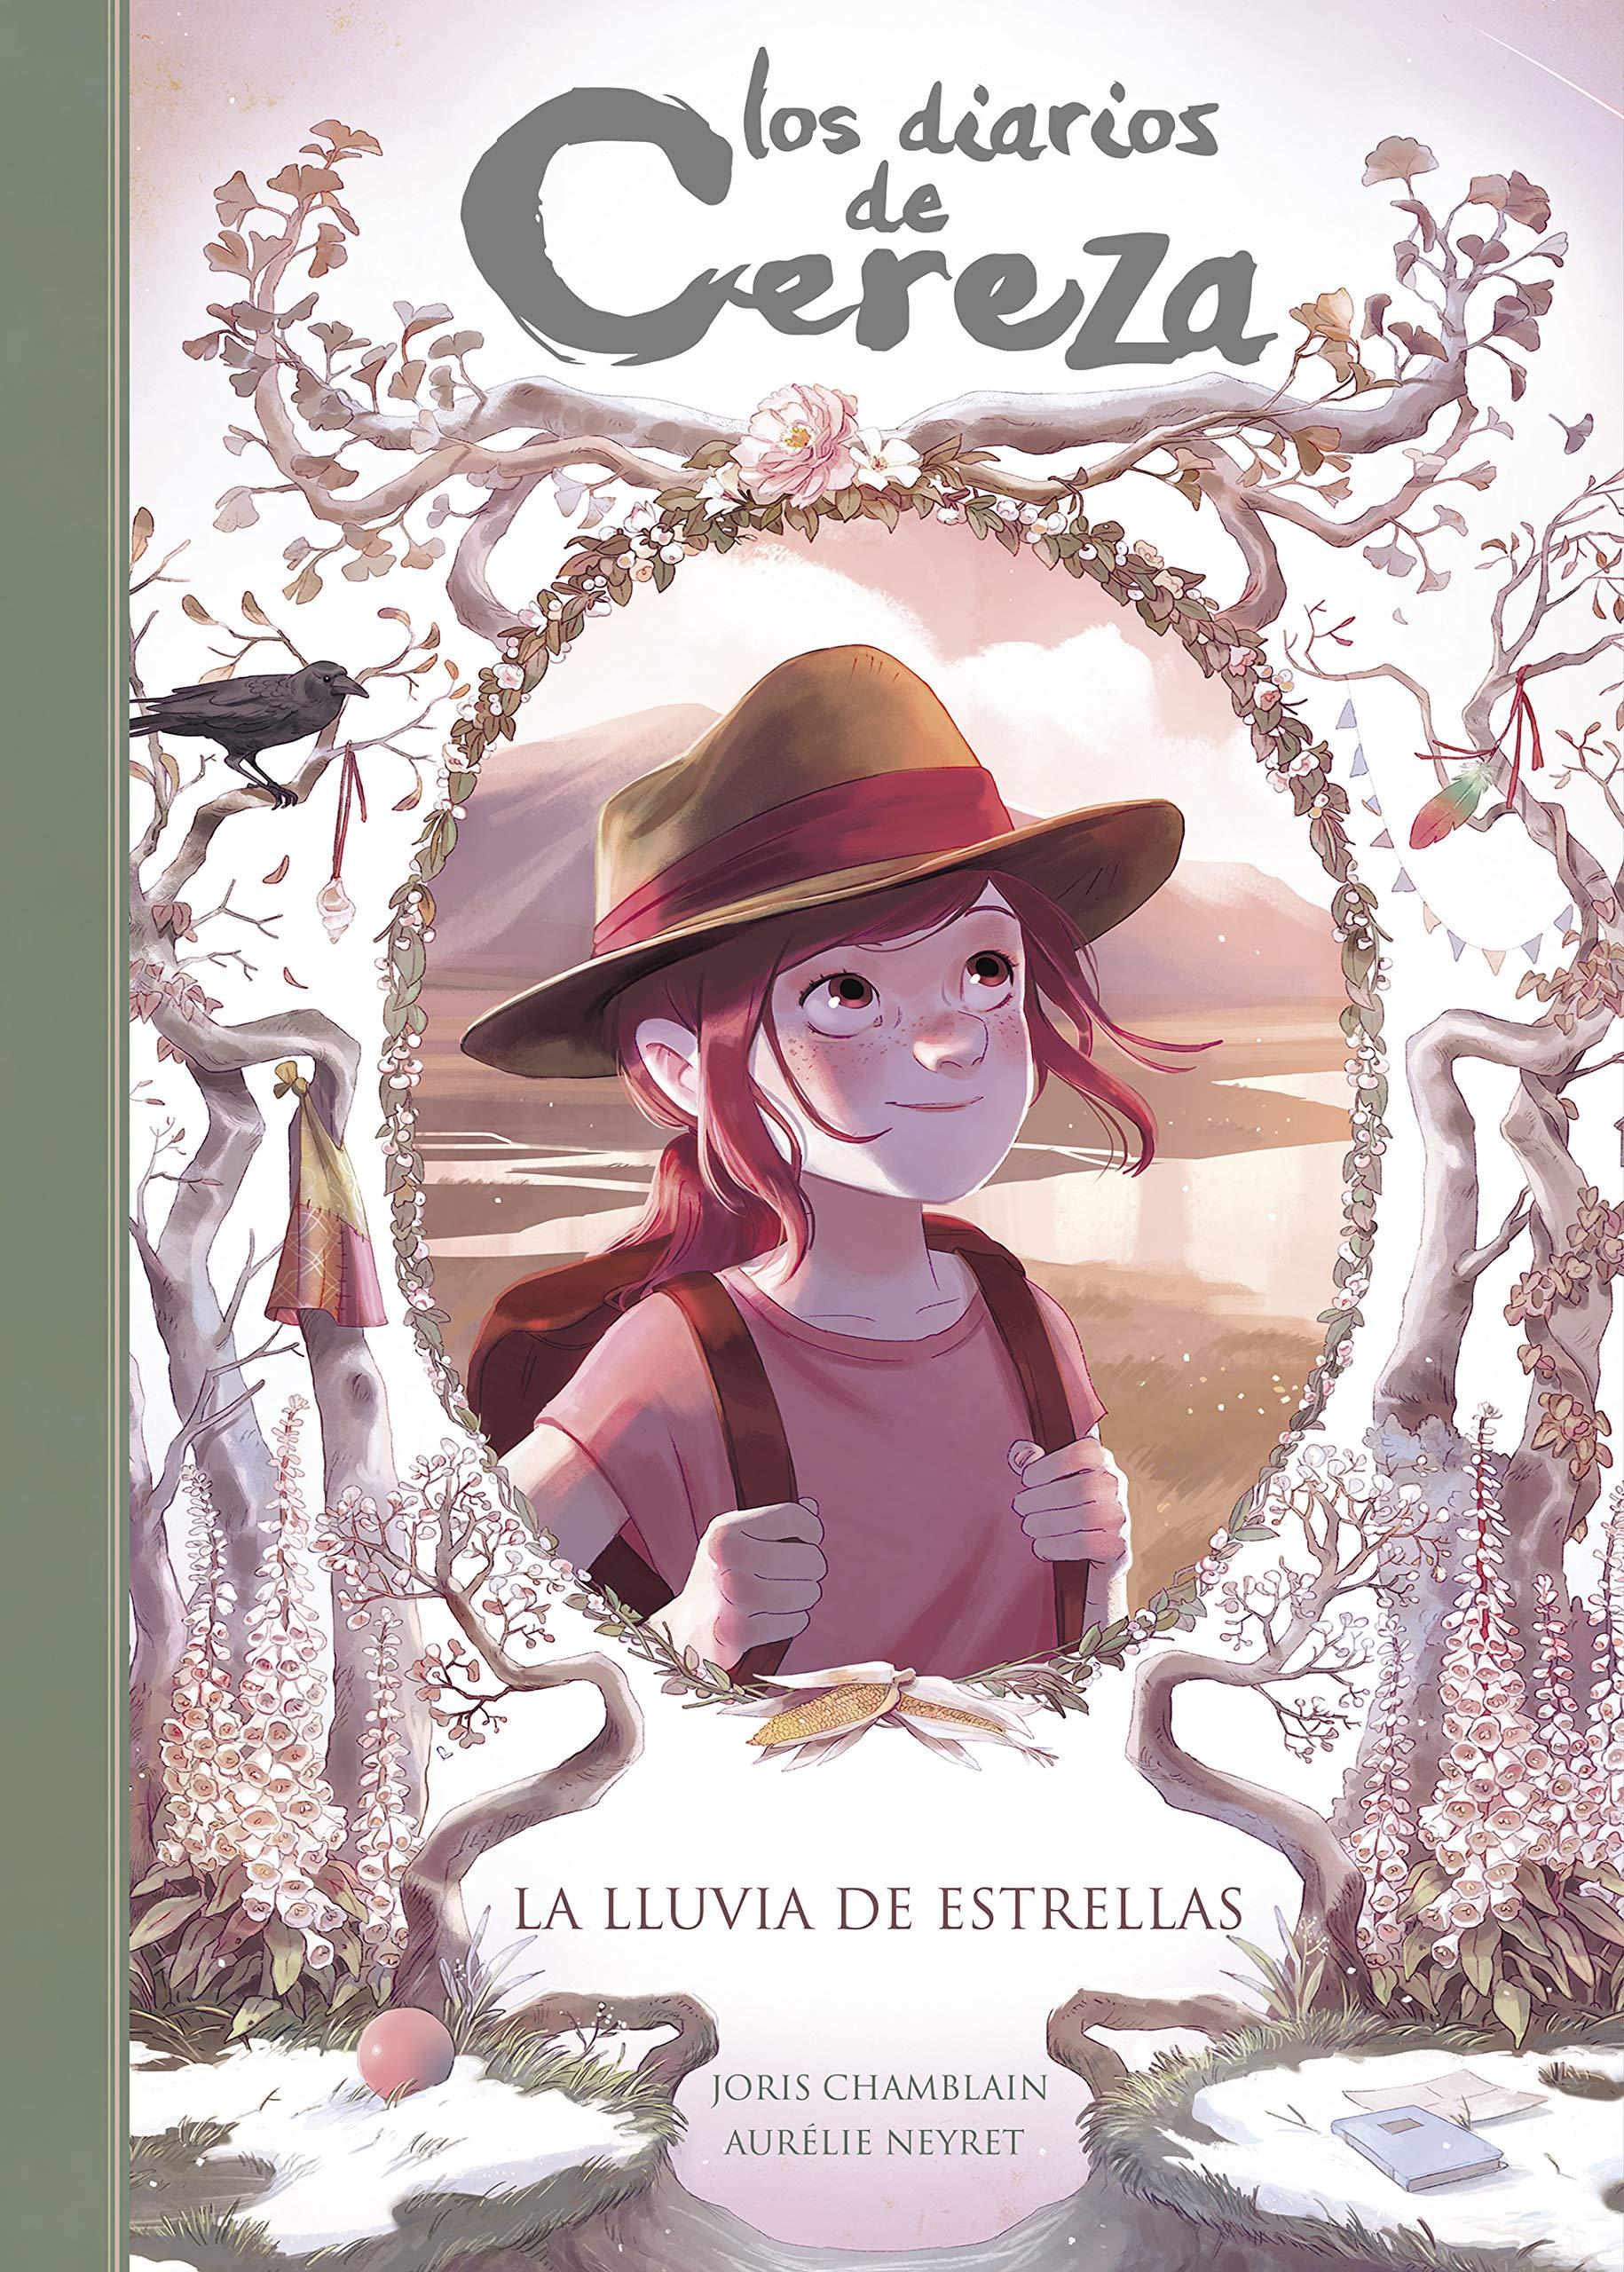 La lluvia de estrellas Serie Los diarios de Cereza 5: Amazon.es: Joris  Chamblain: Libros